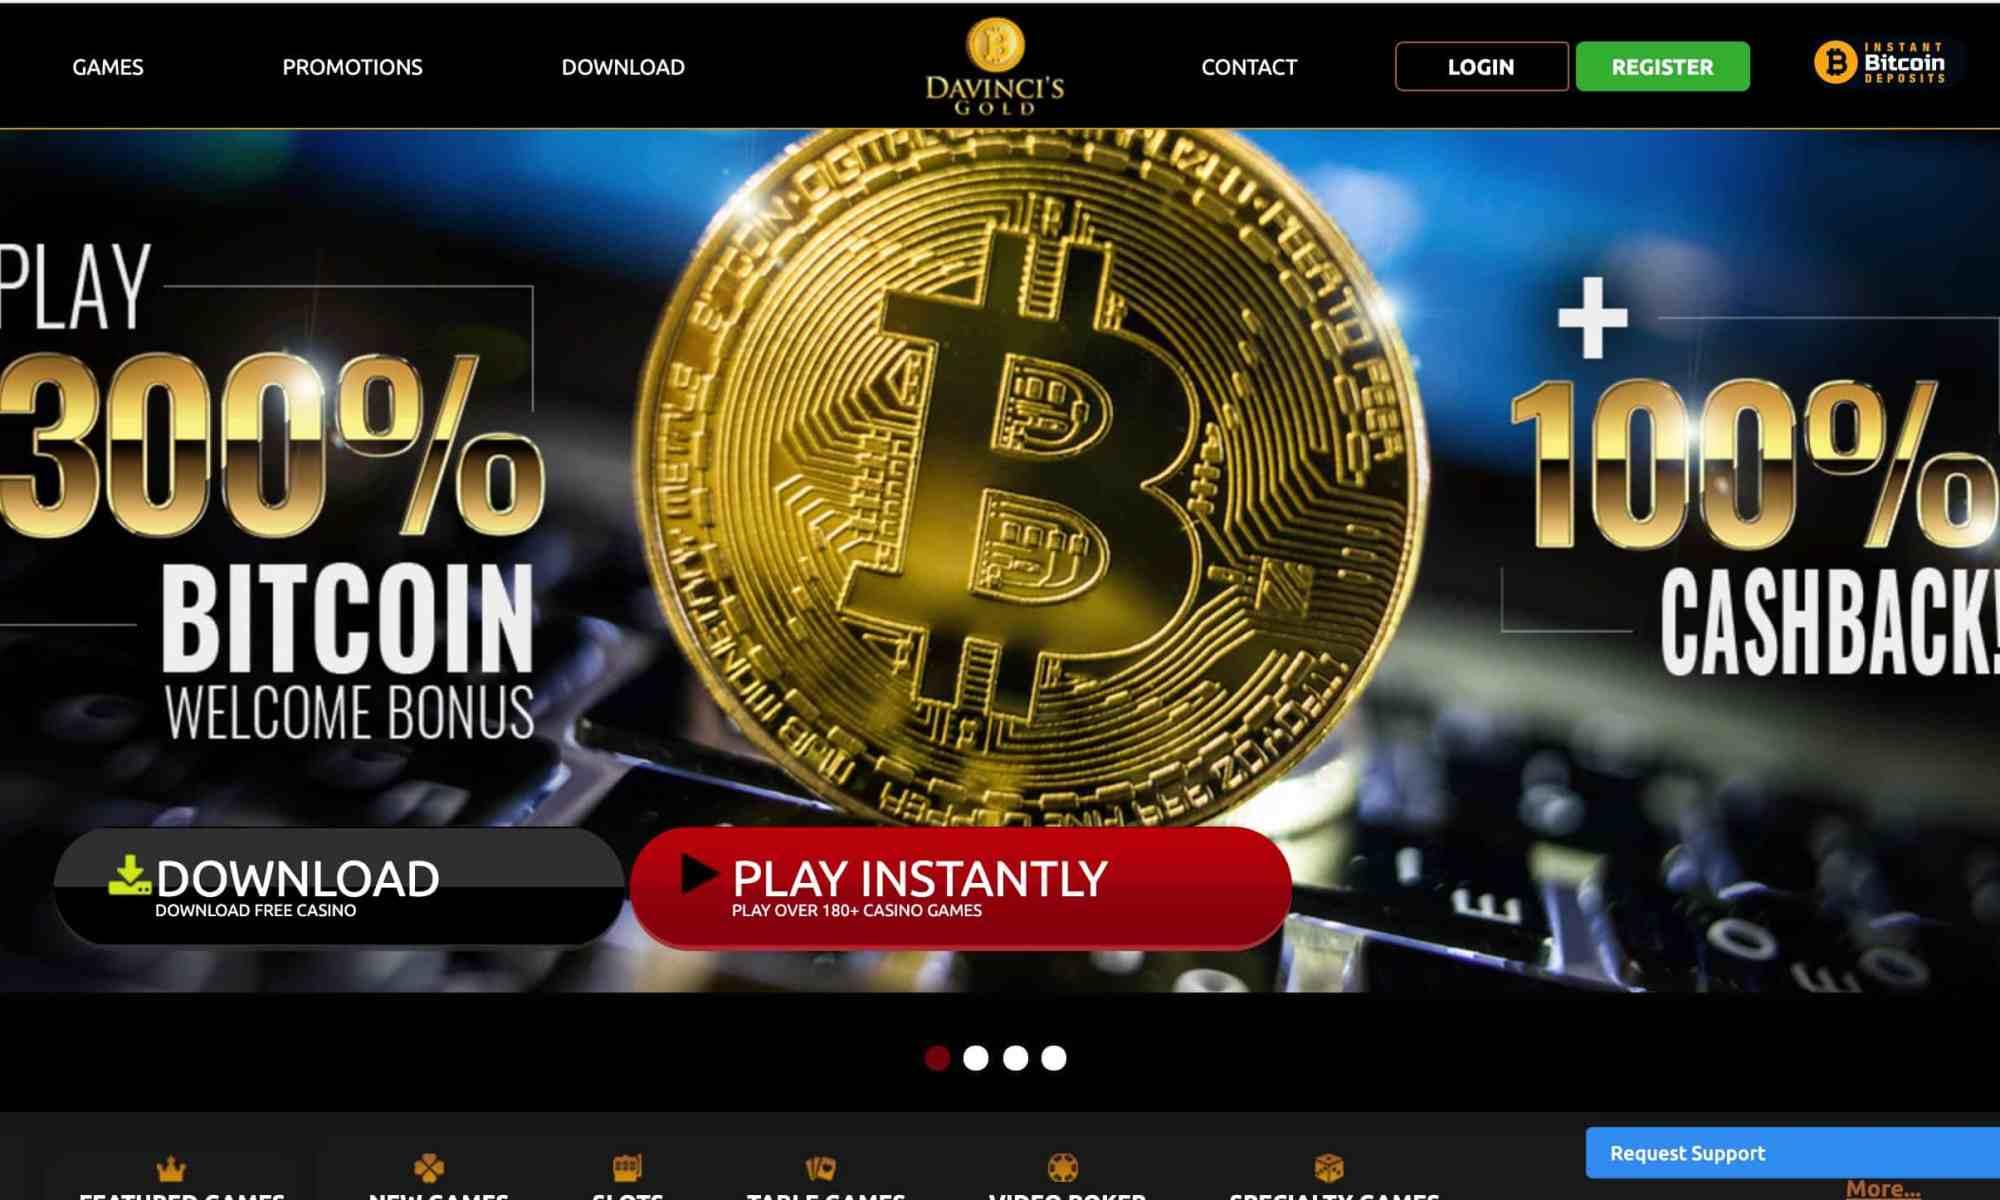 DaVinci's Gold Casino - 300% bitcoin bonus + 100% cashback